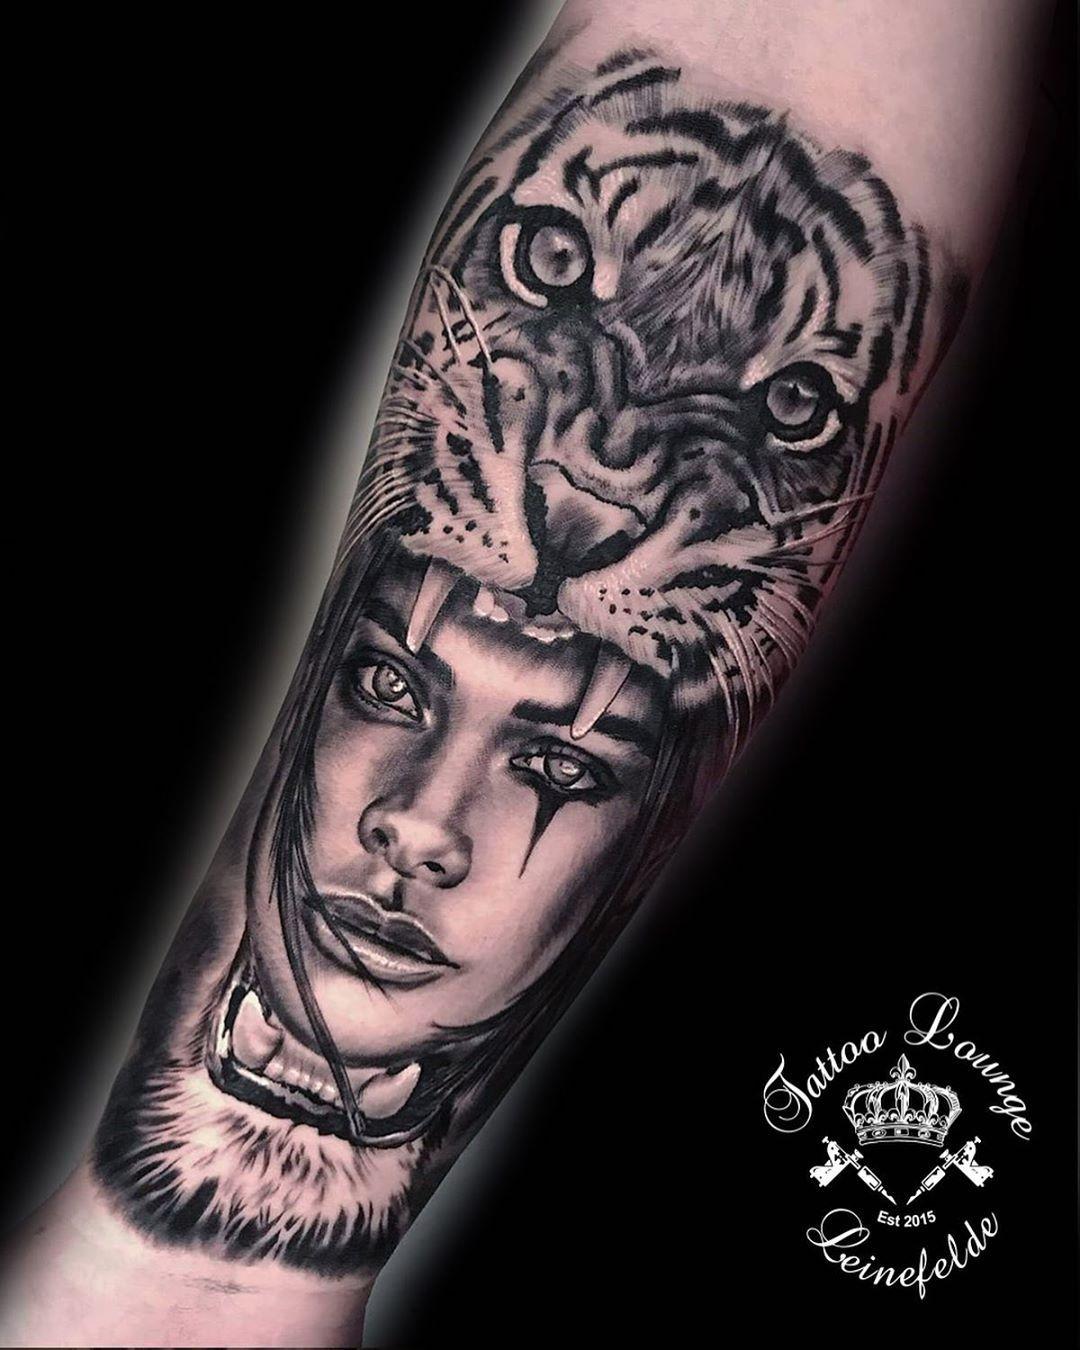 Tattoo Lounge Leinefelde /Eschwege  #tattooloungeeschwege #tattooloungeleinefelde #Tattoo #tattoos #tattoolover #blackandgreytattoo #realistictigertattoo #realistictattoo #inkedup #tattedup #instatatto #instaart #tattoosofinstagram #tattedgirls #tattooed #tattooedgirls #tattoolife #Göttingen #Mühlhausen #nordhausen #kassel #eschwege #thueringenbeauties #heiligenstadt #erfurt  #milanmancev  #ttktattoo #eisenach #gotha